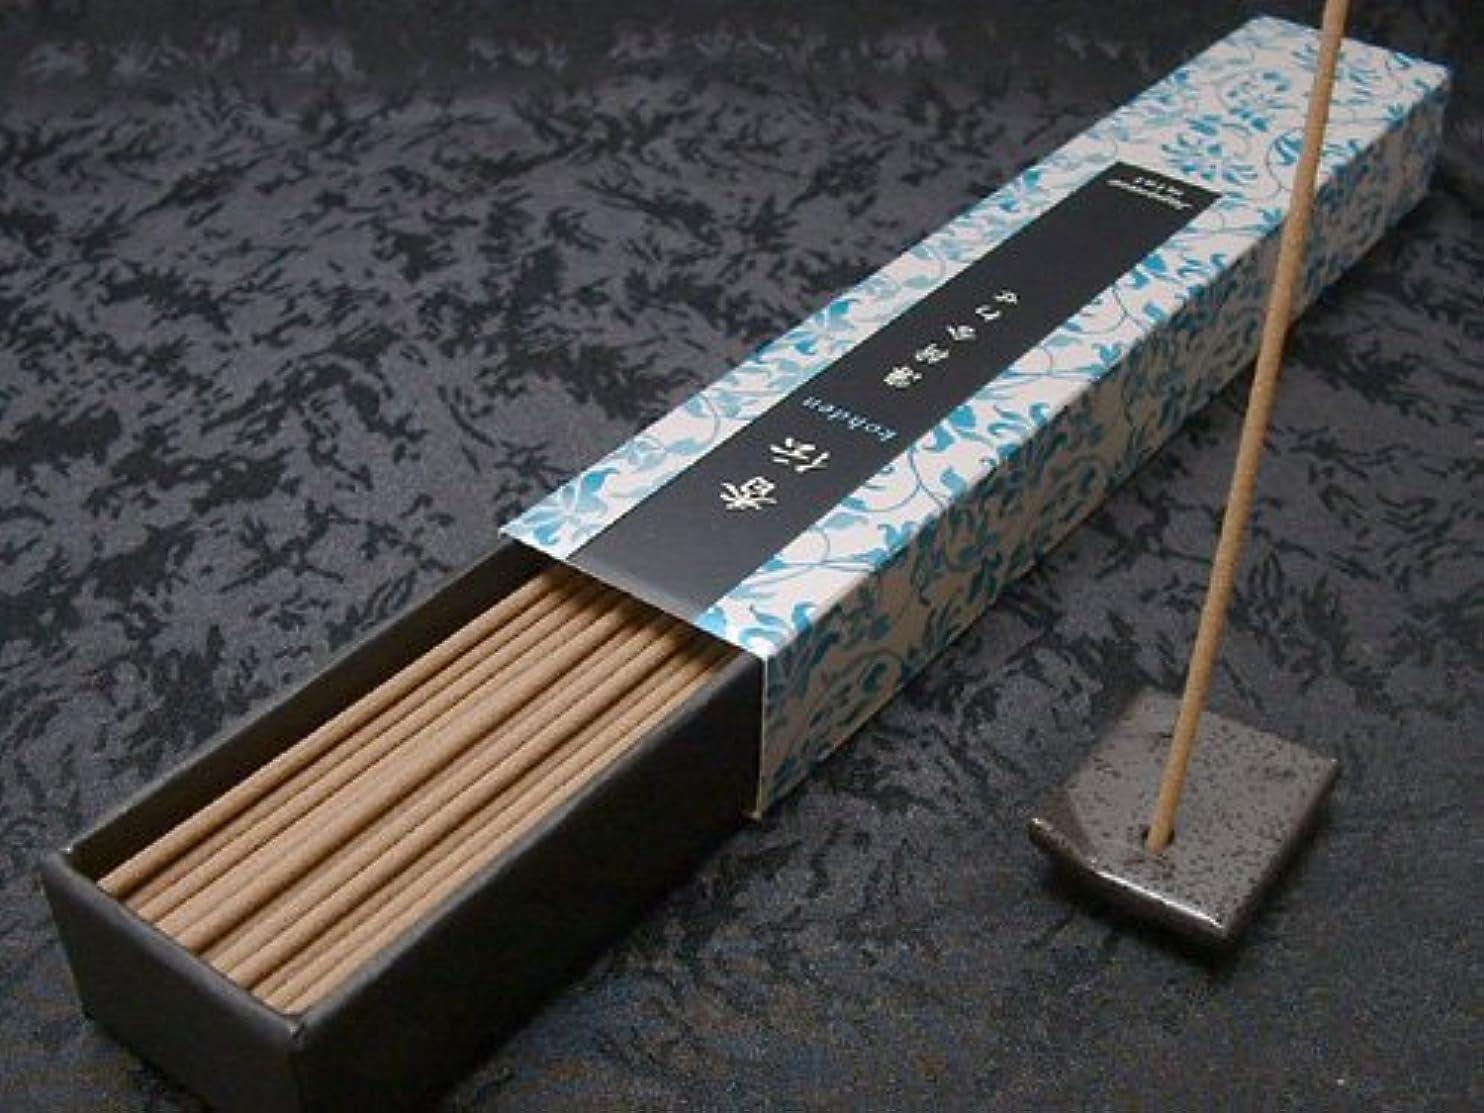 つまらないシプリー洞察力のある日本香堂のお香 香伝 薄荷合わせ